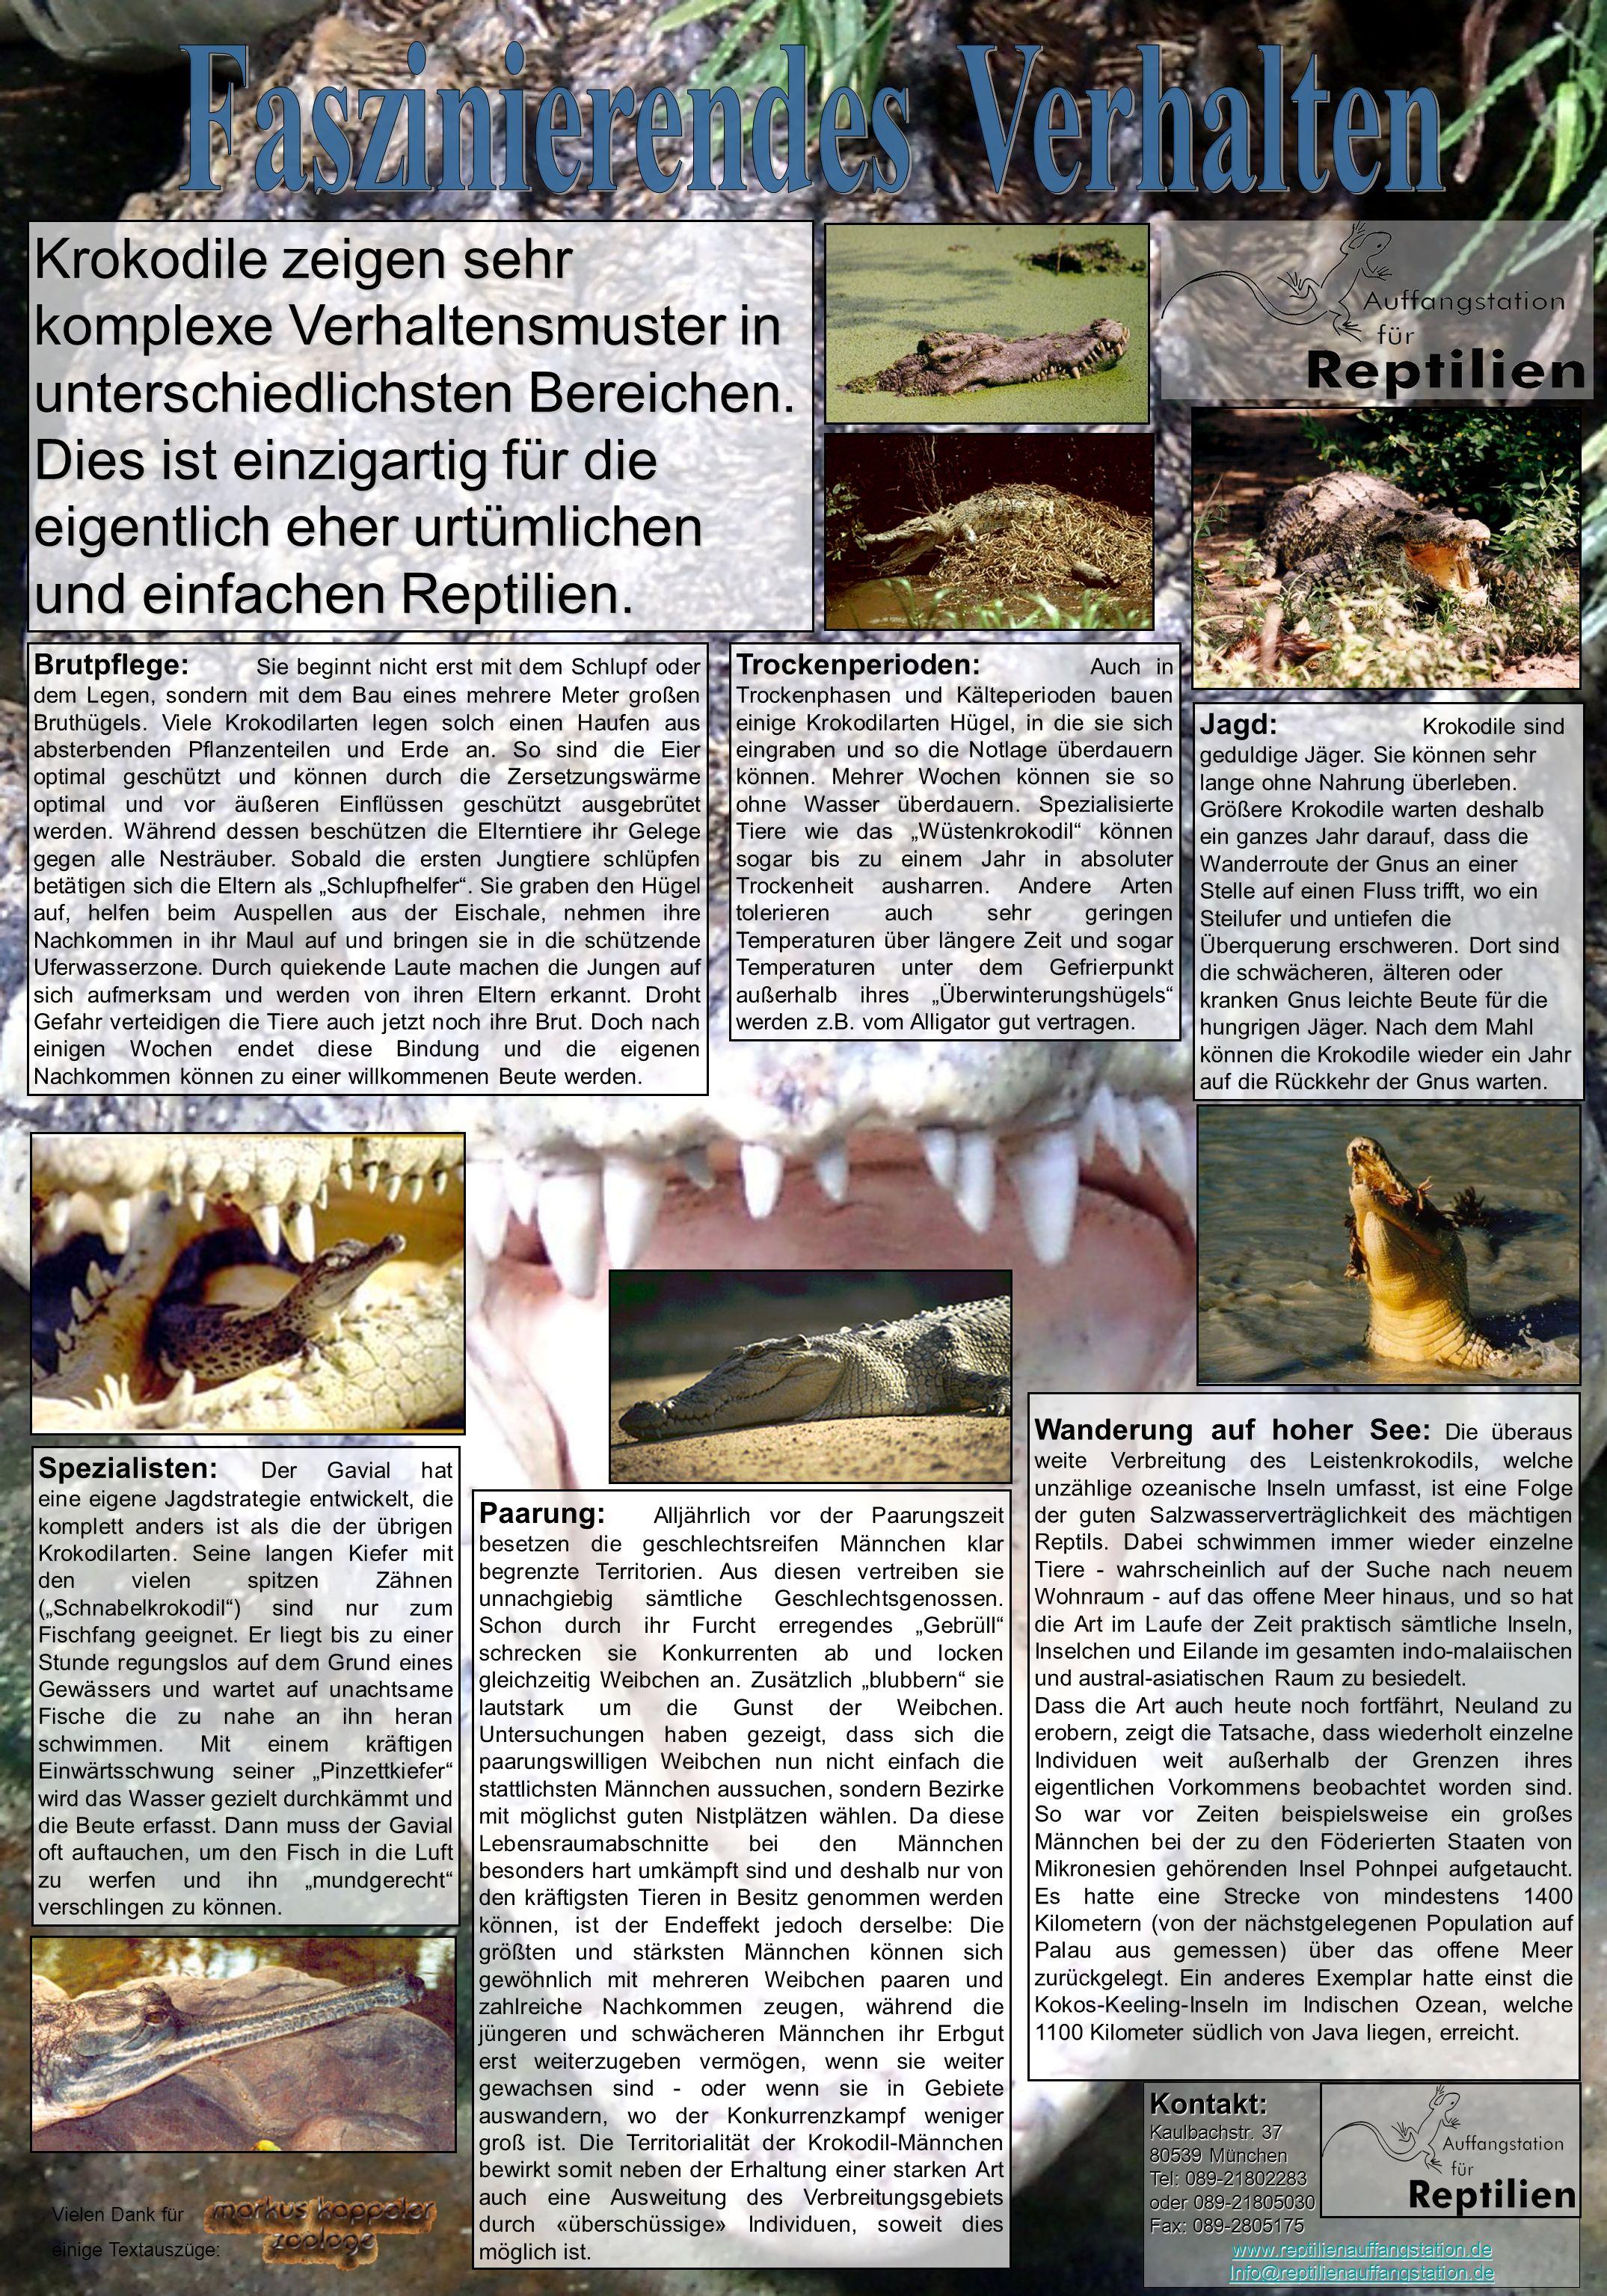 Krokodile zeigen sehr komplexe Verhaltensmuster in unterschiedlichsten Bereichen. Dies ist einzigartig für die eigentlich eher urtümlichen und einfach